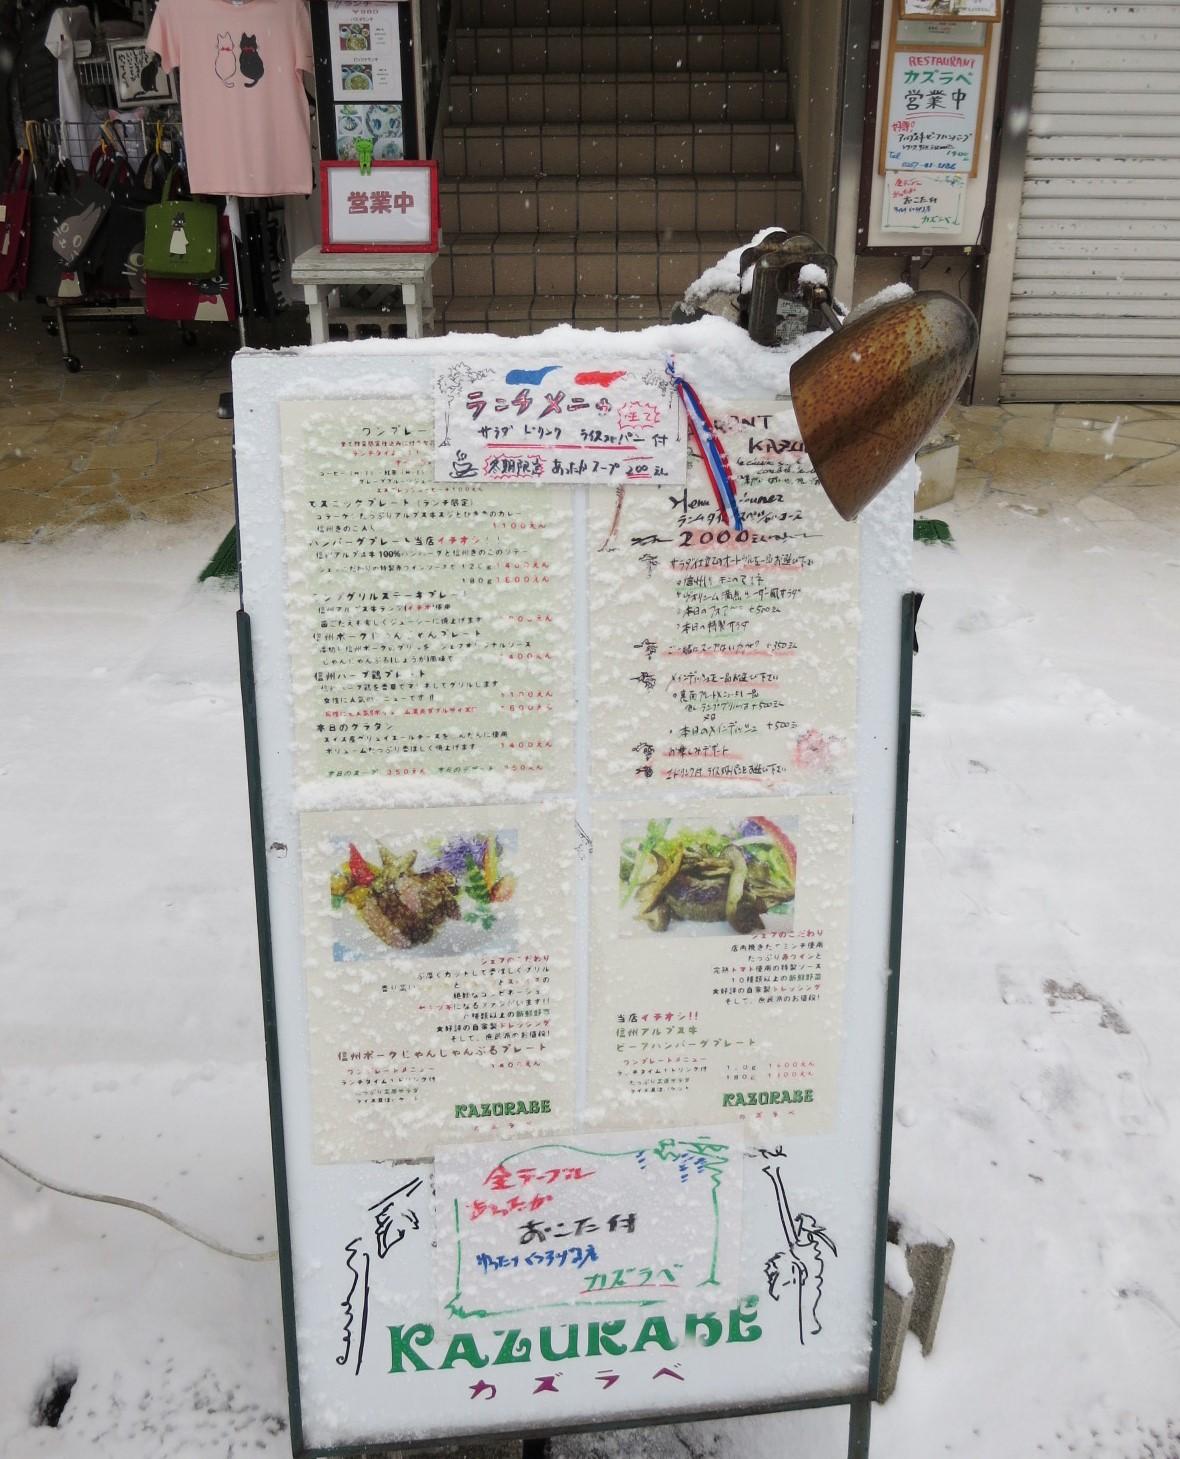 レストラン・カズラべのランチ☆2階のレストランシリーズ@旧軽_f0236260_20382449.jpg